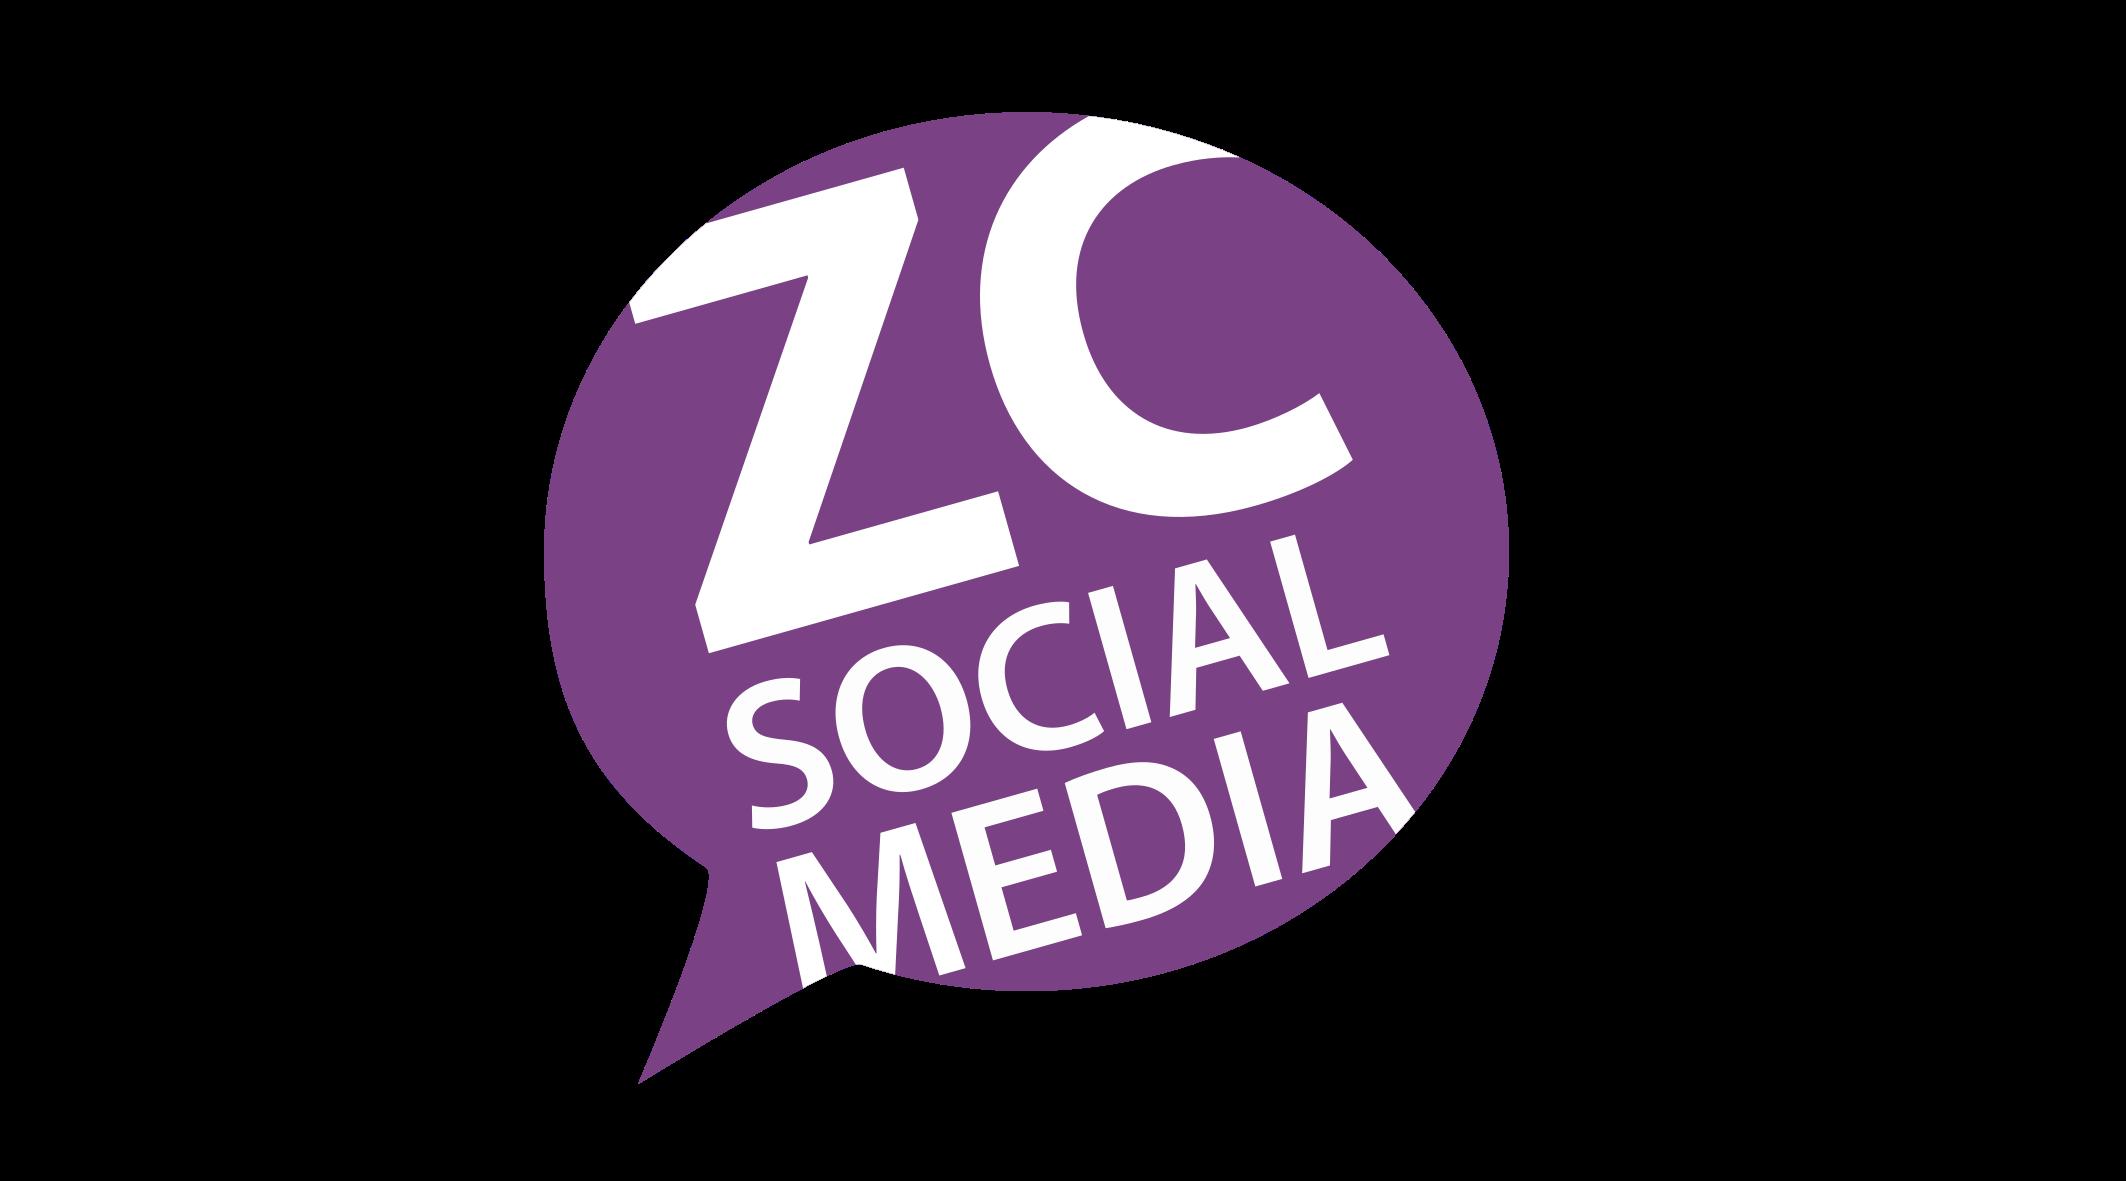 ZC Social Media